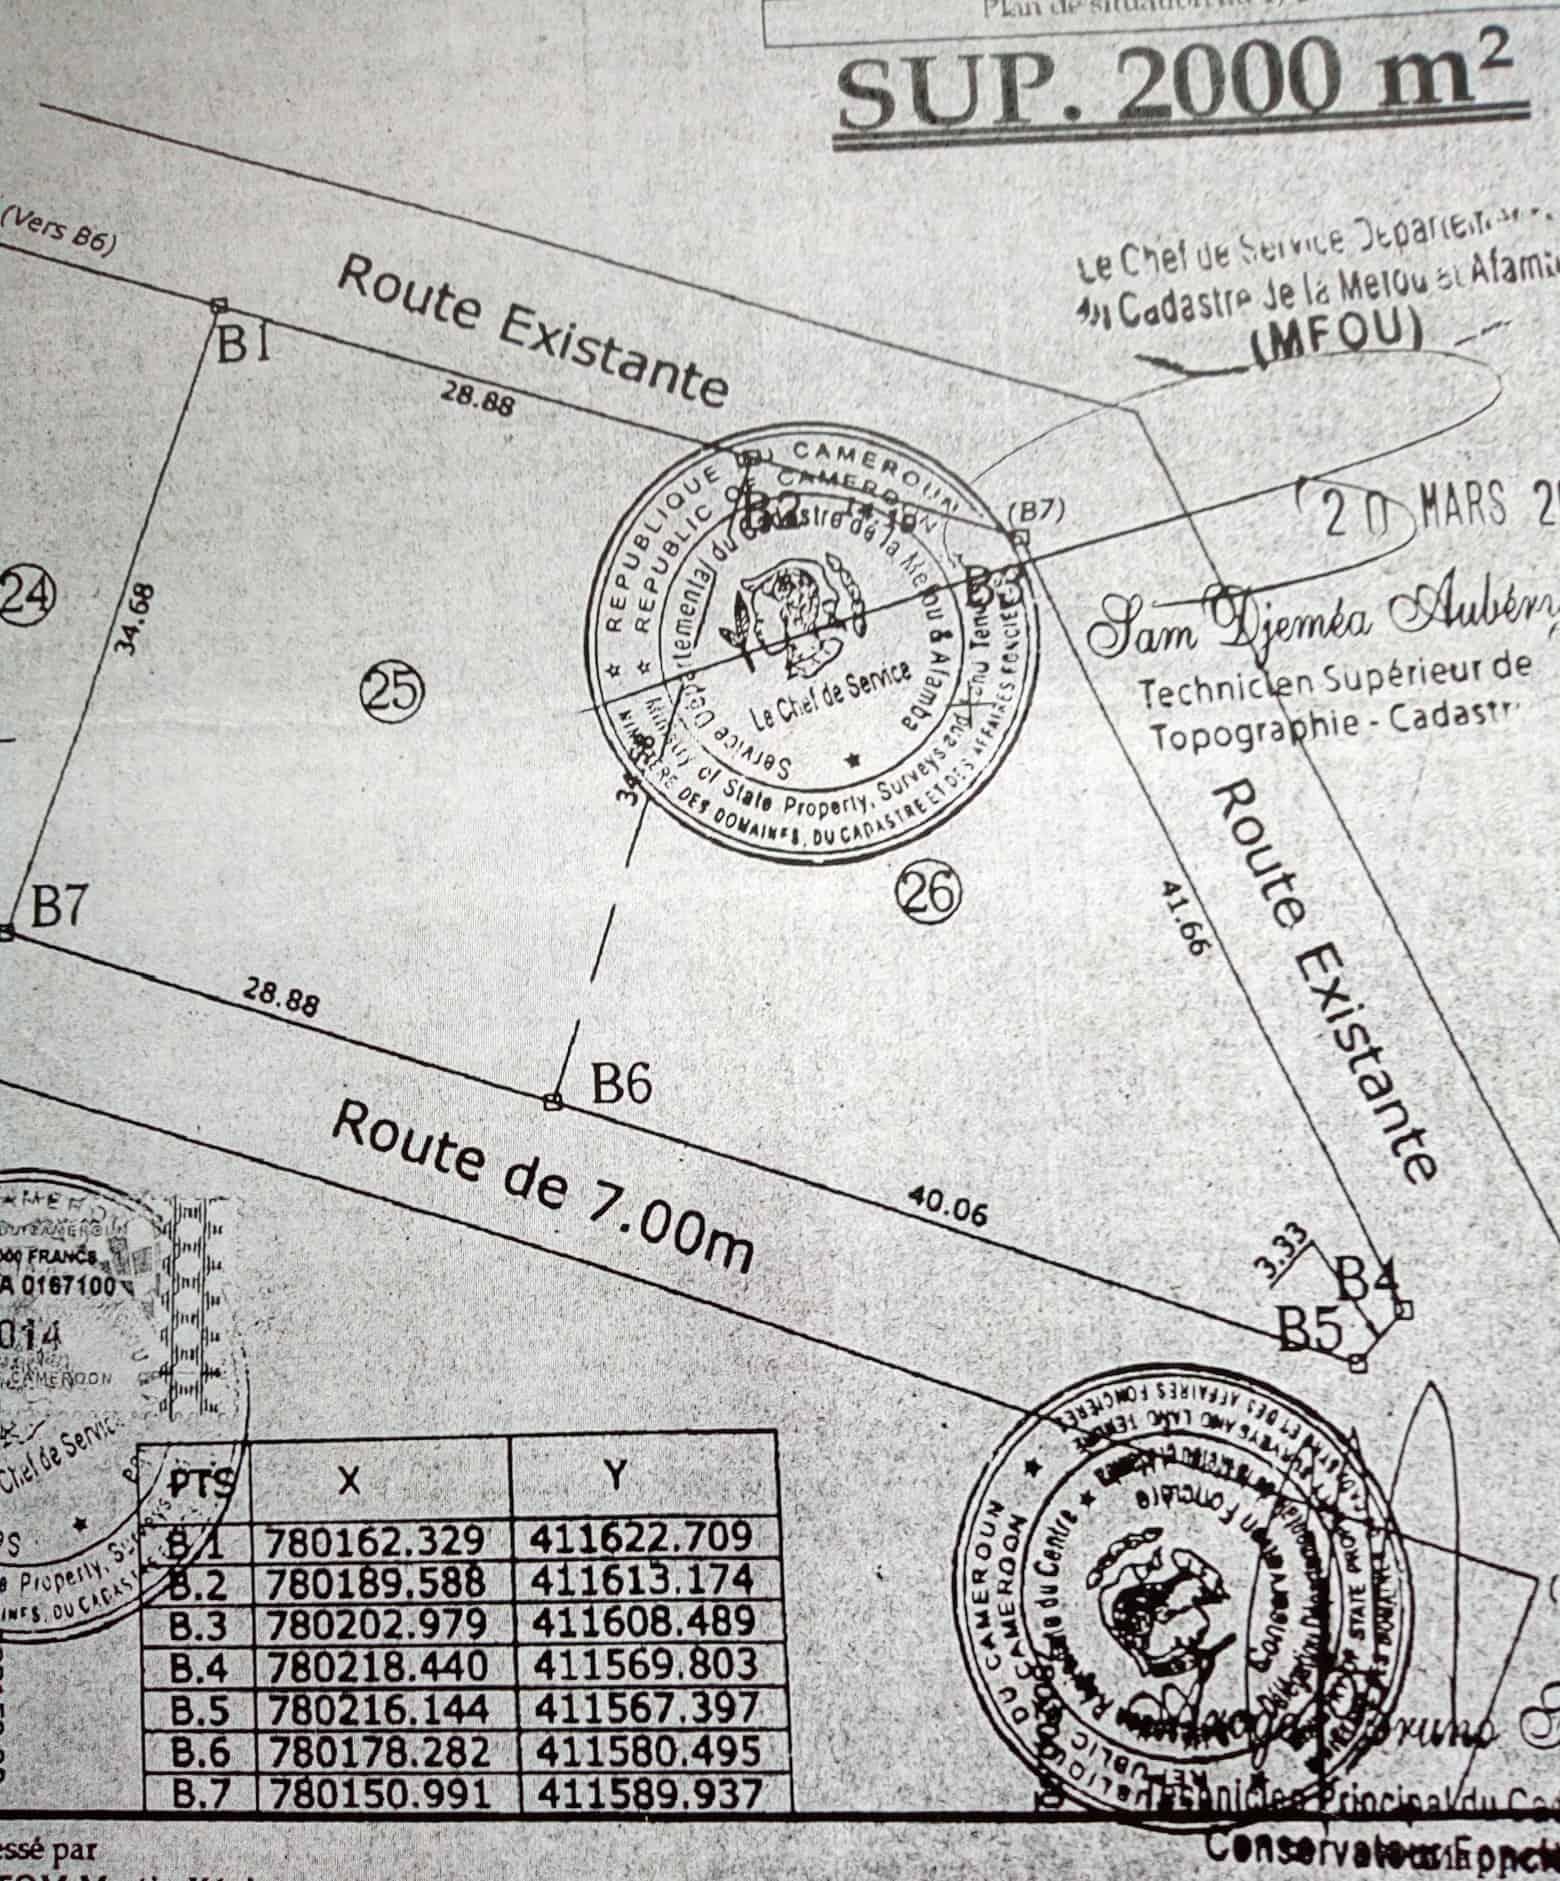 Terrain à vendre - Yaoundé, Nsimalen, Ecole publique - 500 m2 - 4 000 000 FCFA